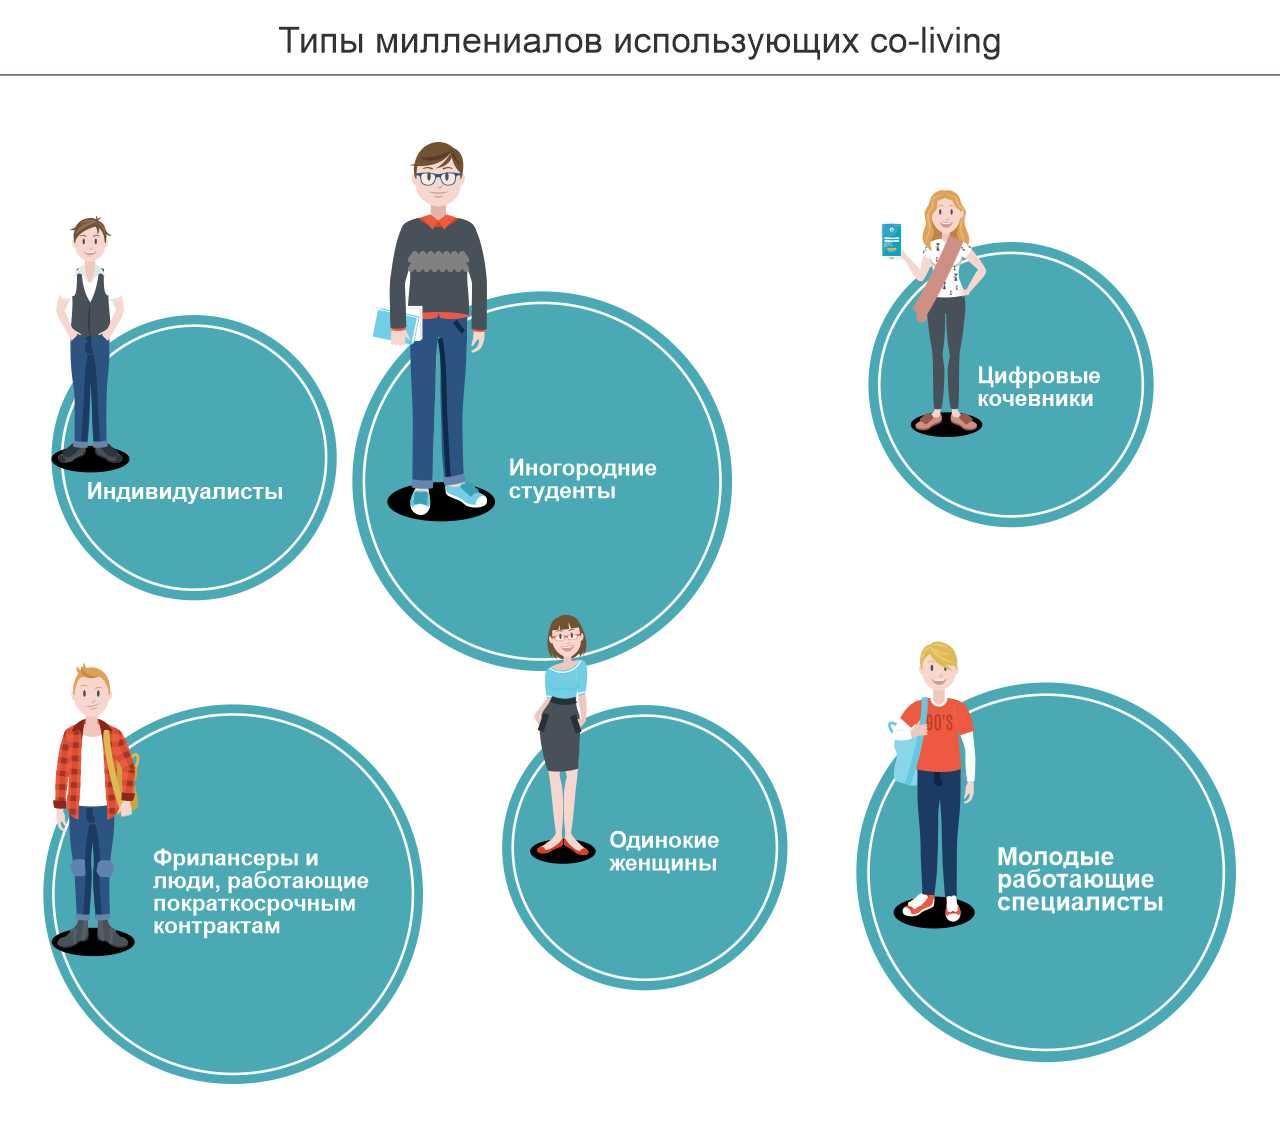 Типы миллениалов использующих co-living